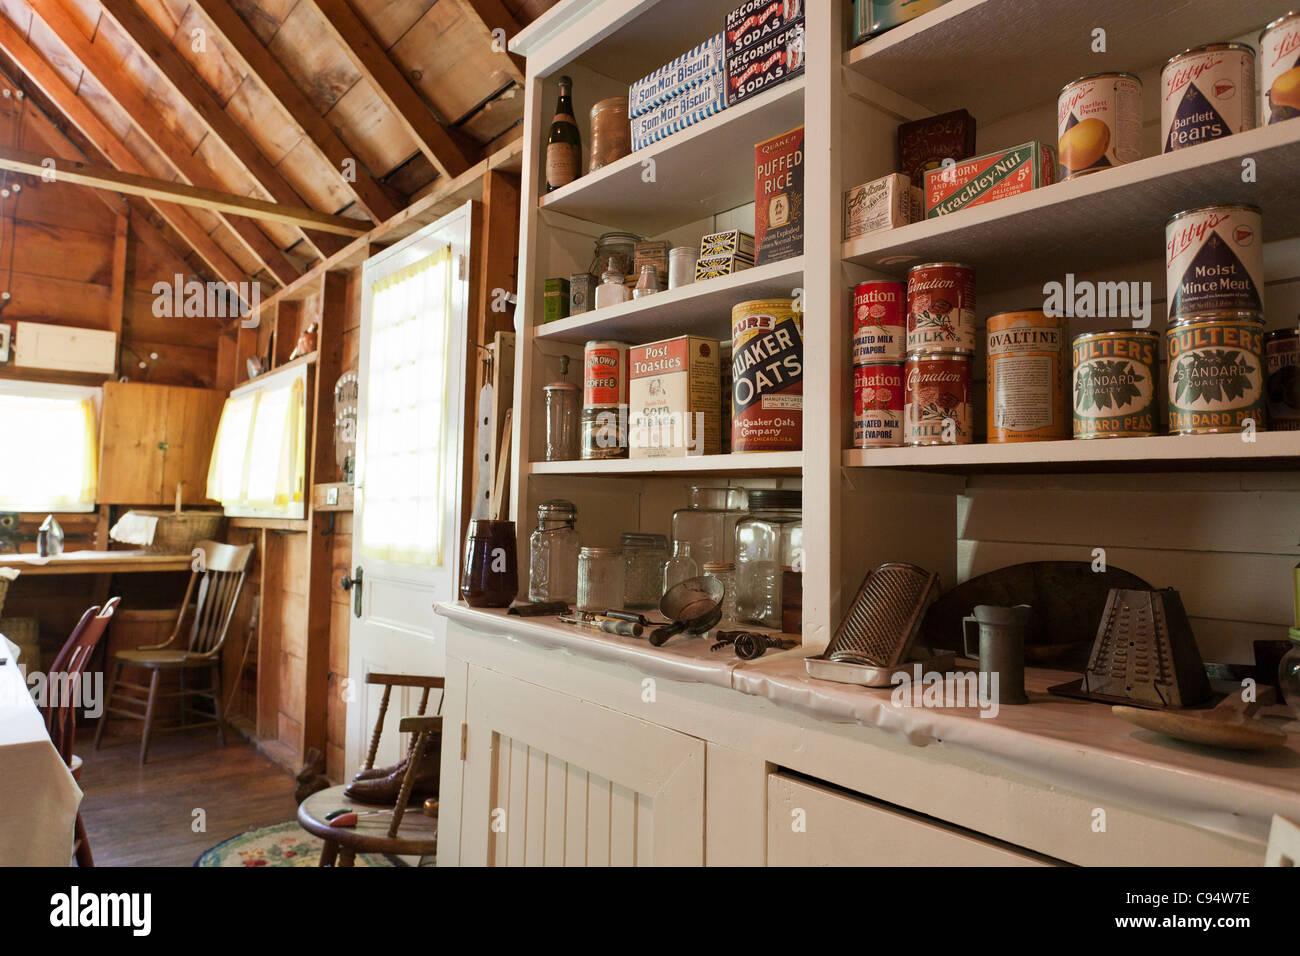 Groß Die Küche Sammlung Fotos - Ideen Für Die Küche Dekoration ...